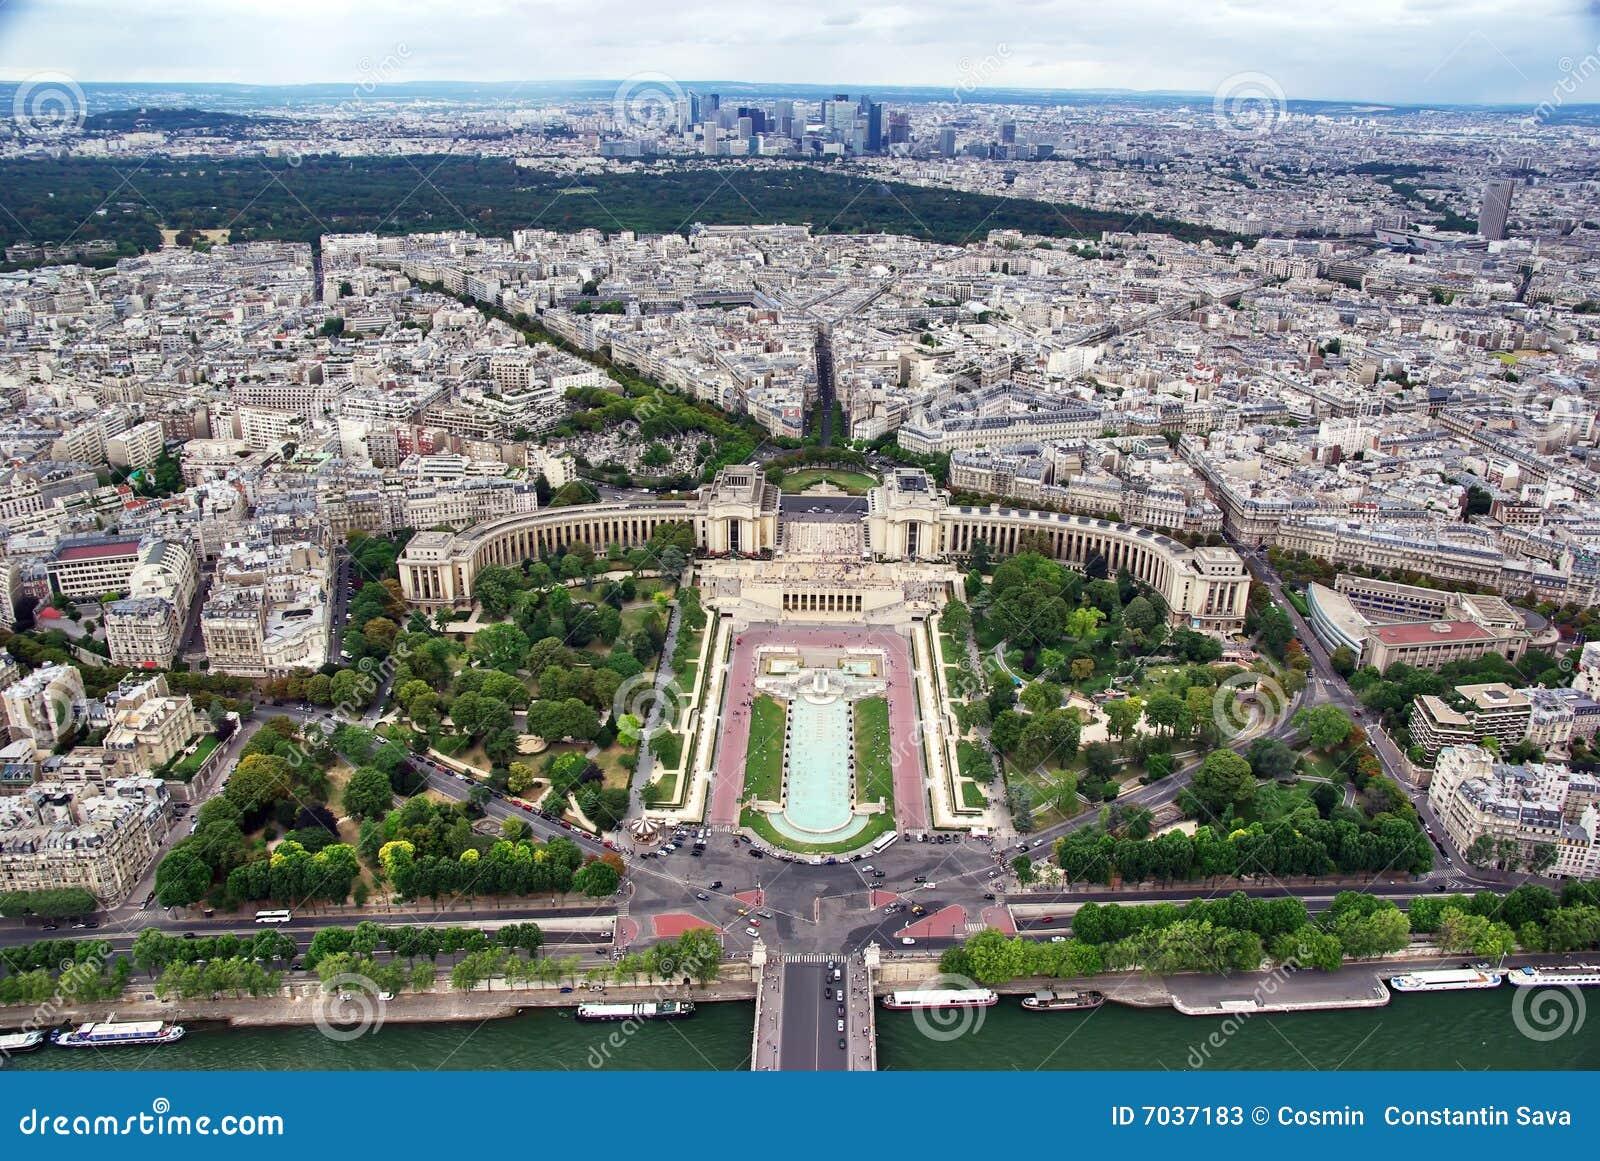 Paysage urbain de paris image stock image du cruise for Paris paysage